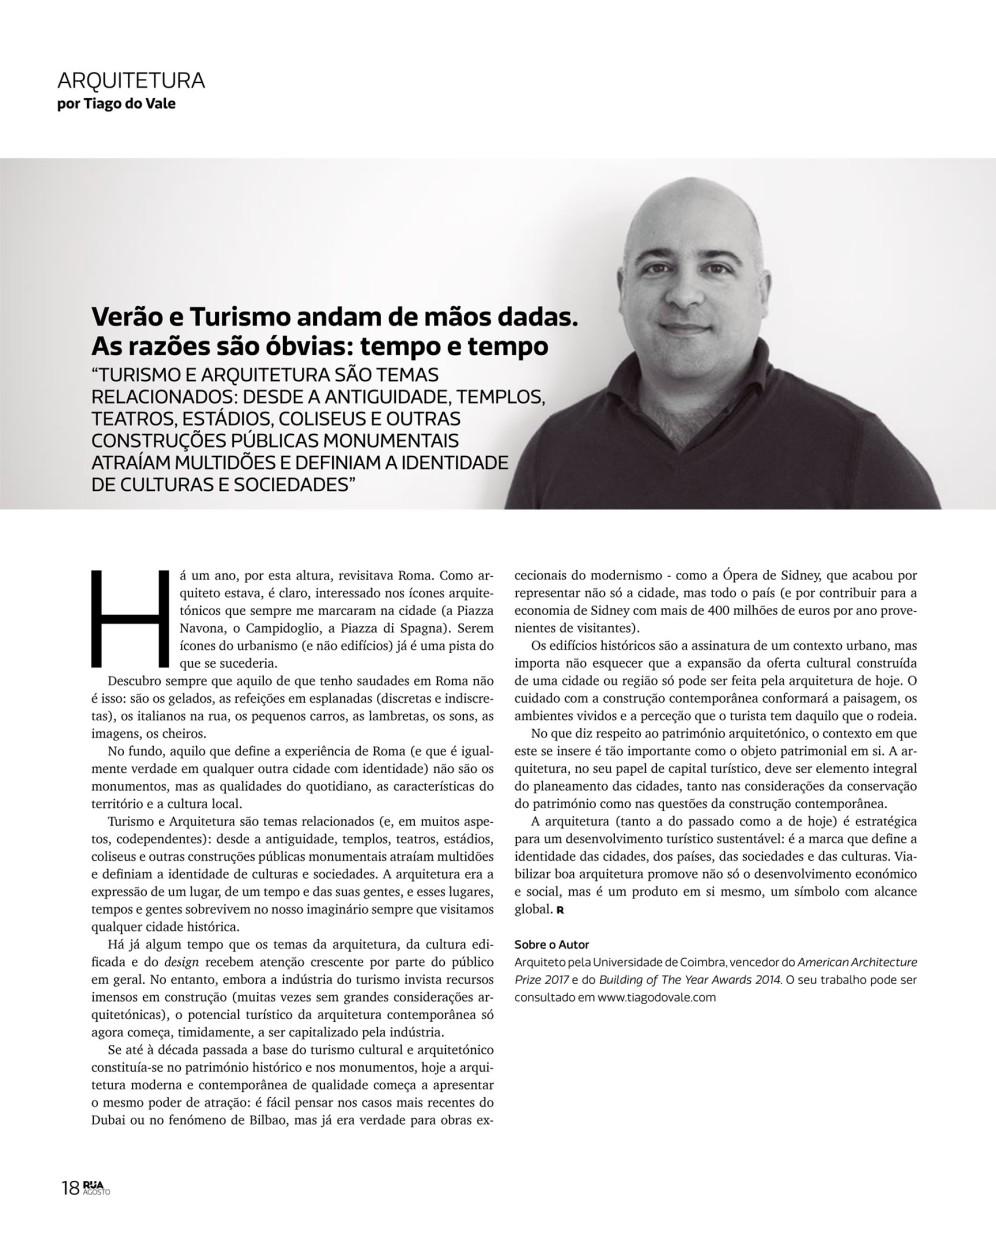 Revista RUA 30, 18